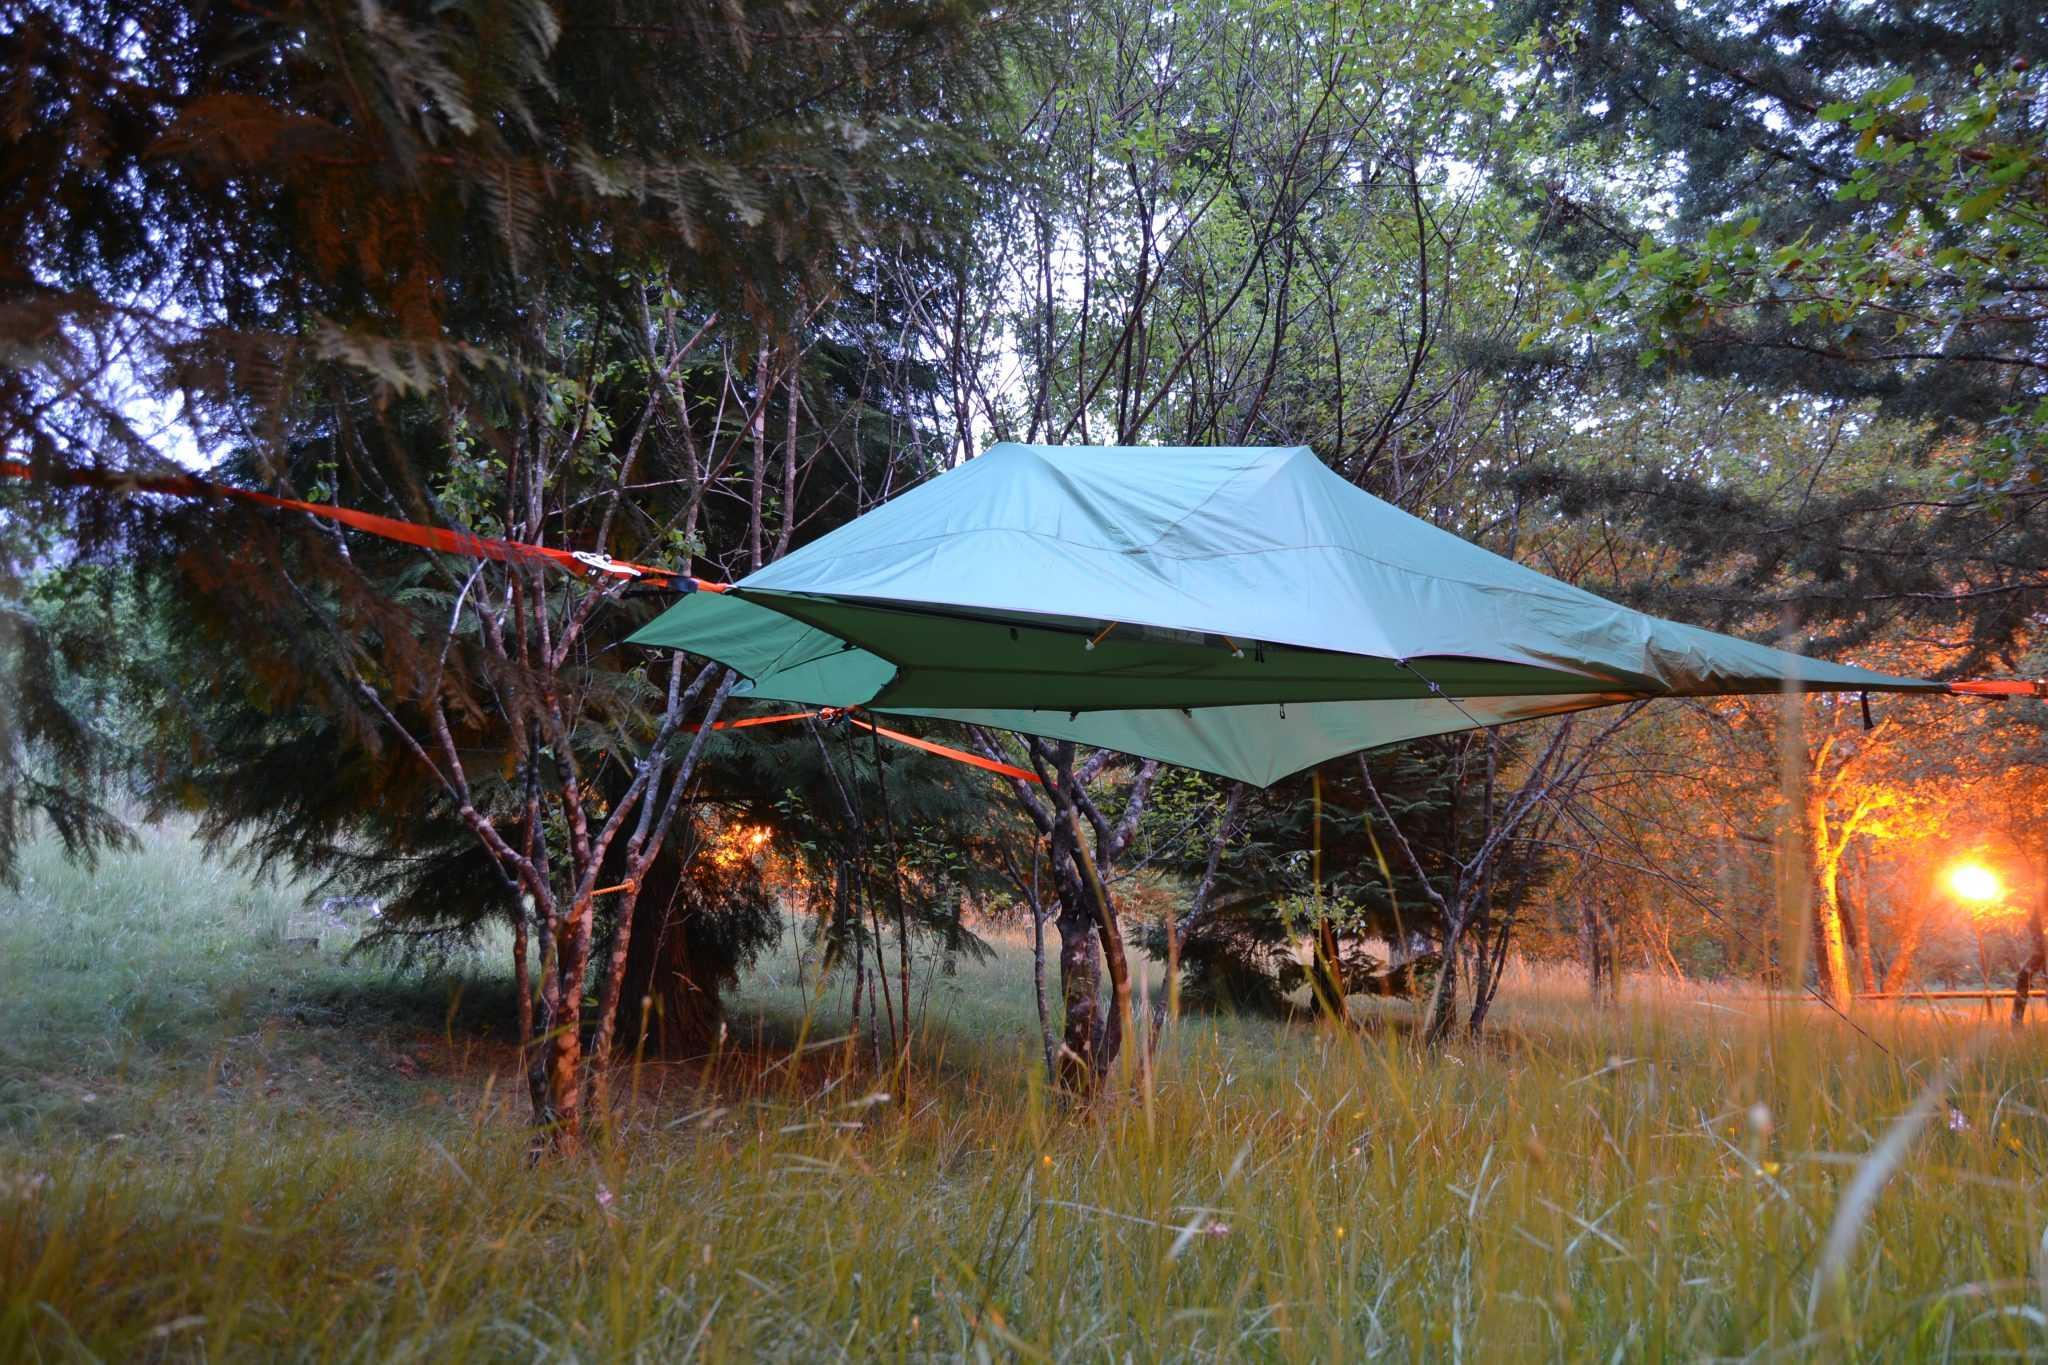 Tenda nas árvores noite